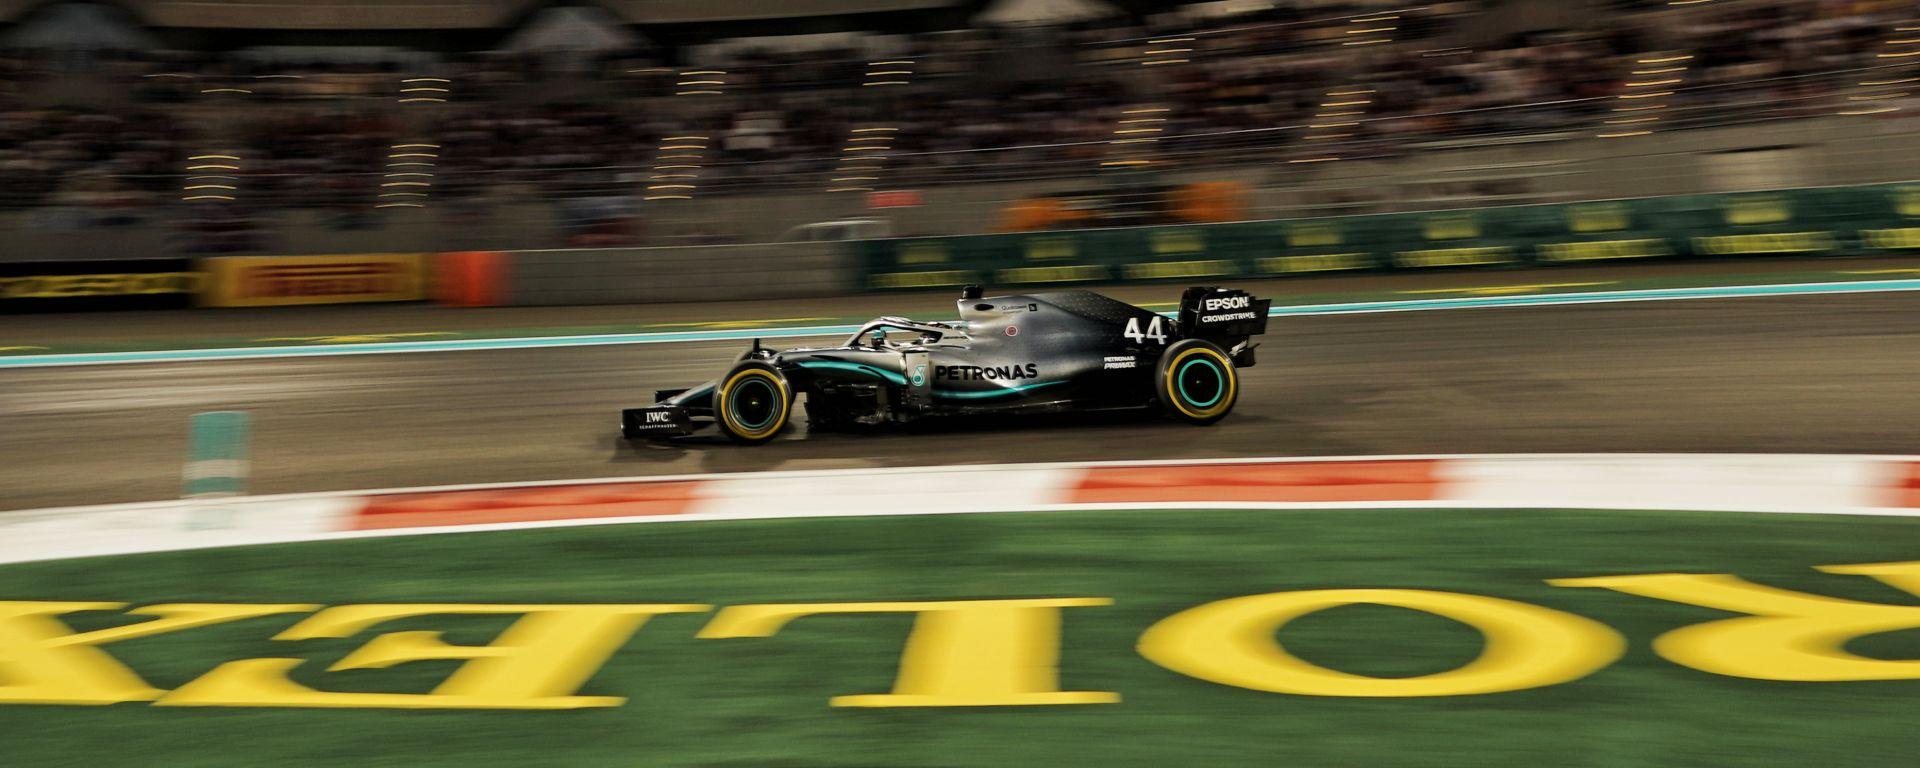 Lewis Hamilton (Mercedes) è leader della classifica piloti F1 dopo il Gp di Abu Dhabi 2019